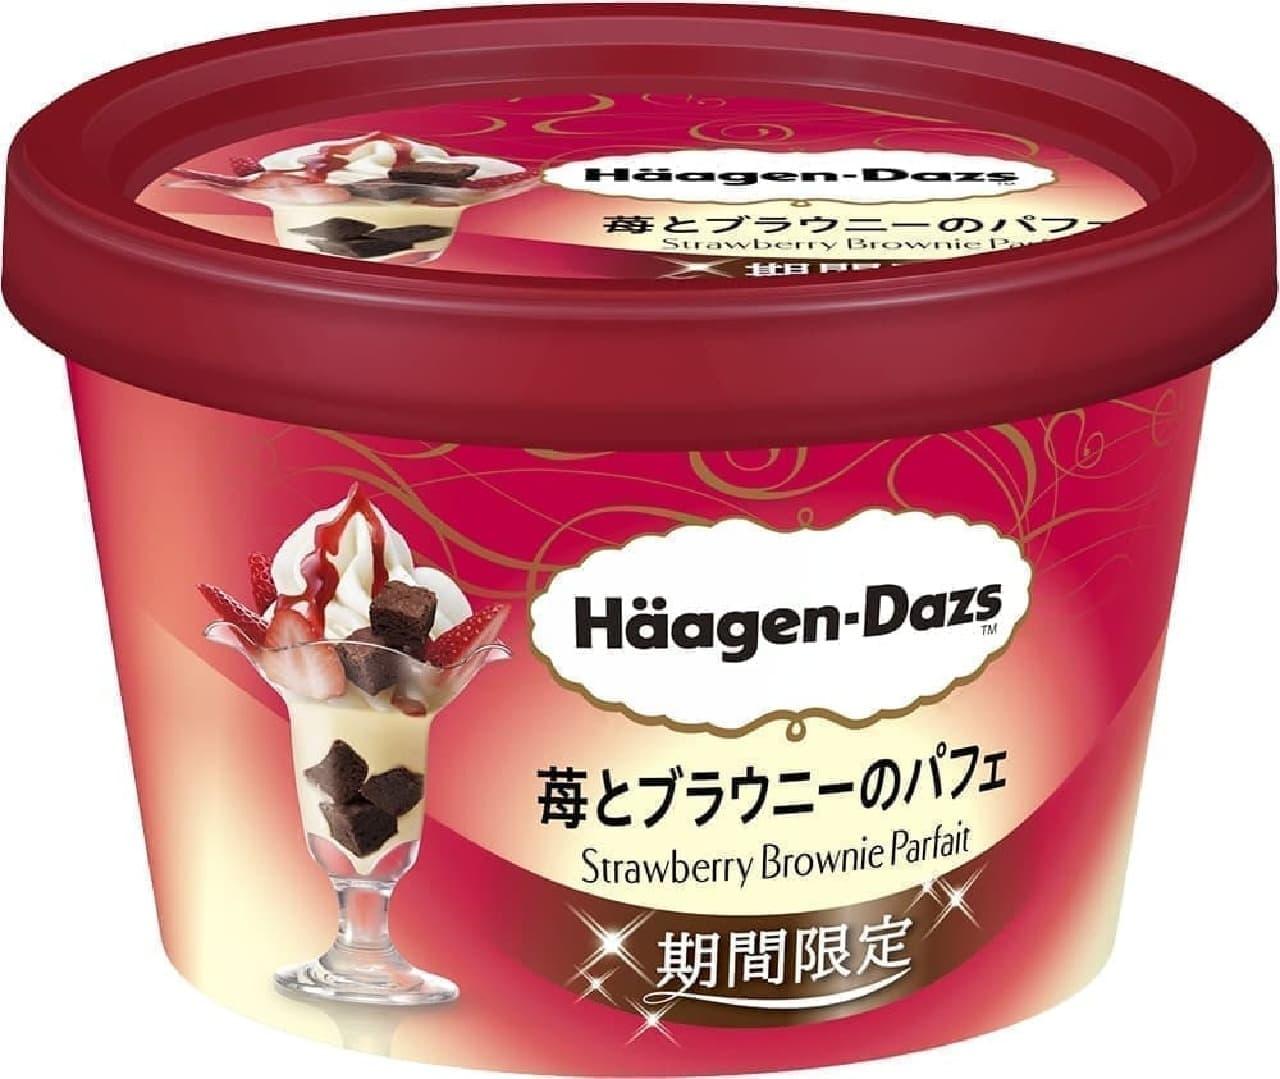 ハーゲンダッツ「ミニカップ 苺とブラウニーのパフェ」